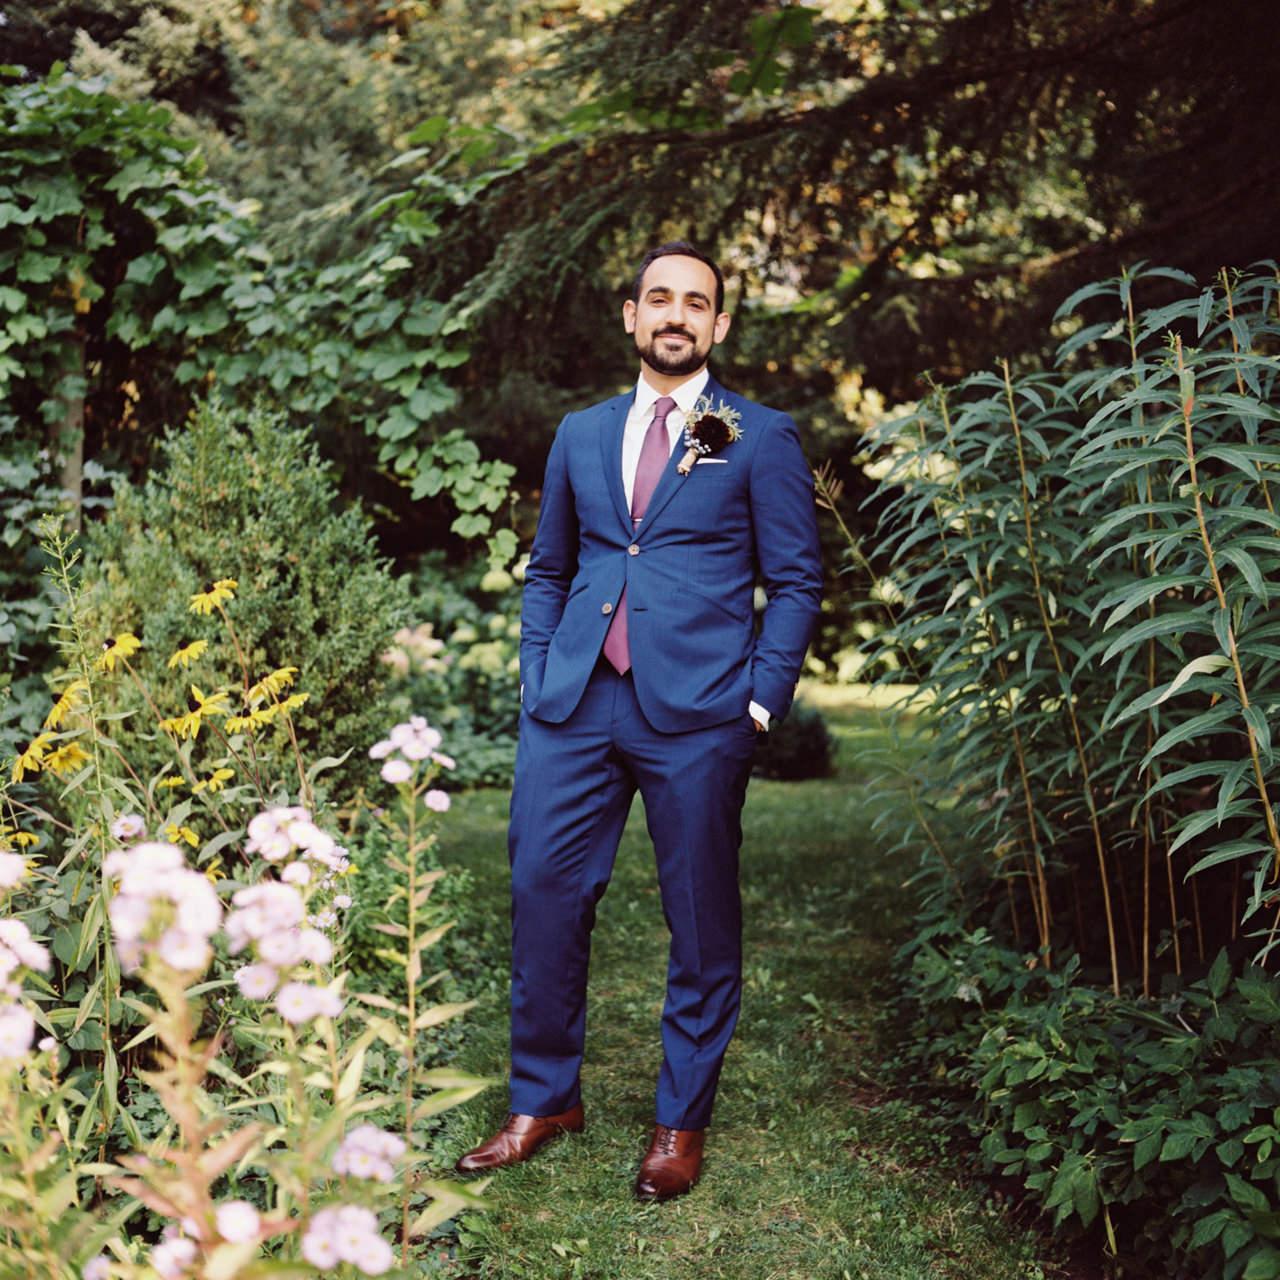 mt-hood-organic-farms-film-wedding-11.jpg